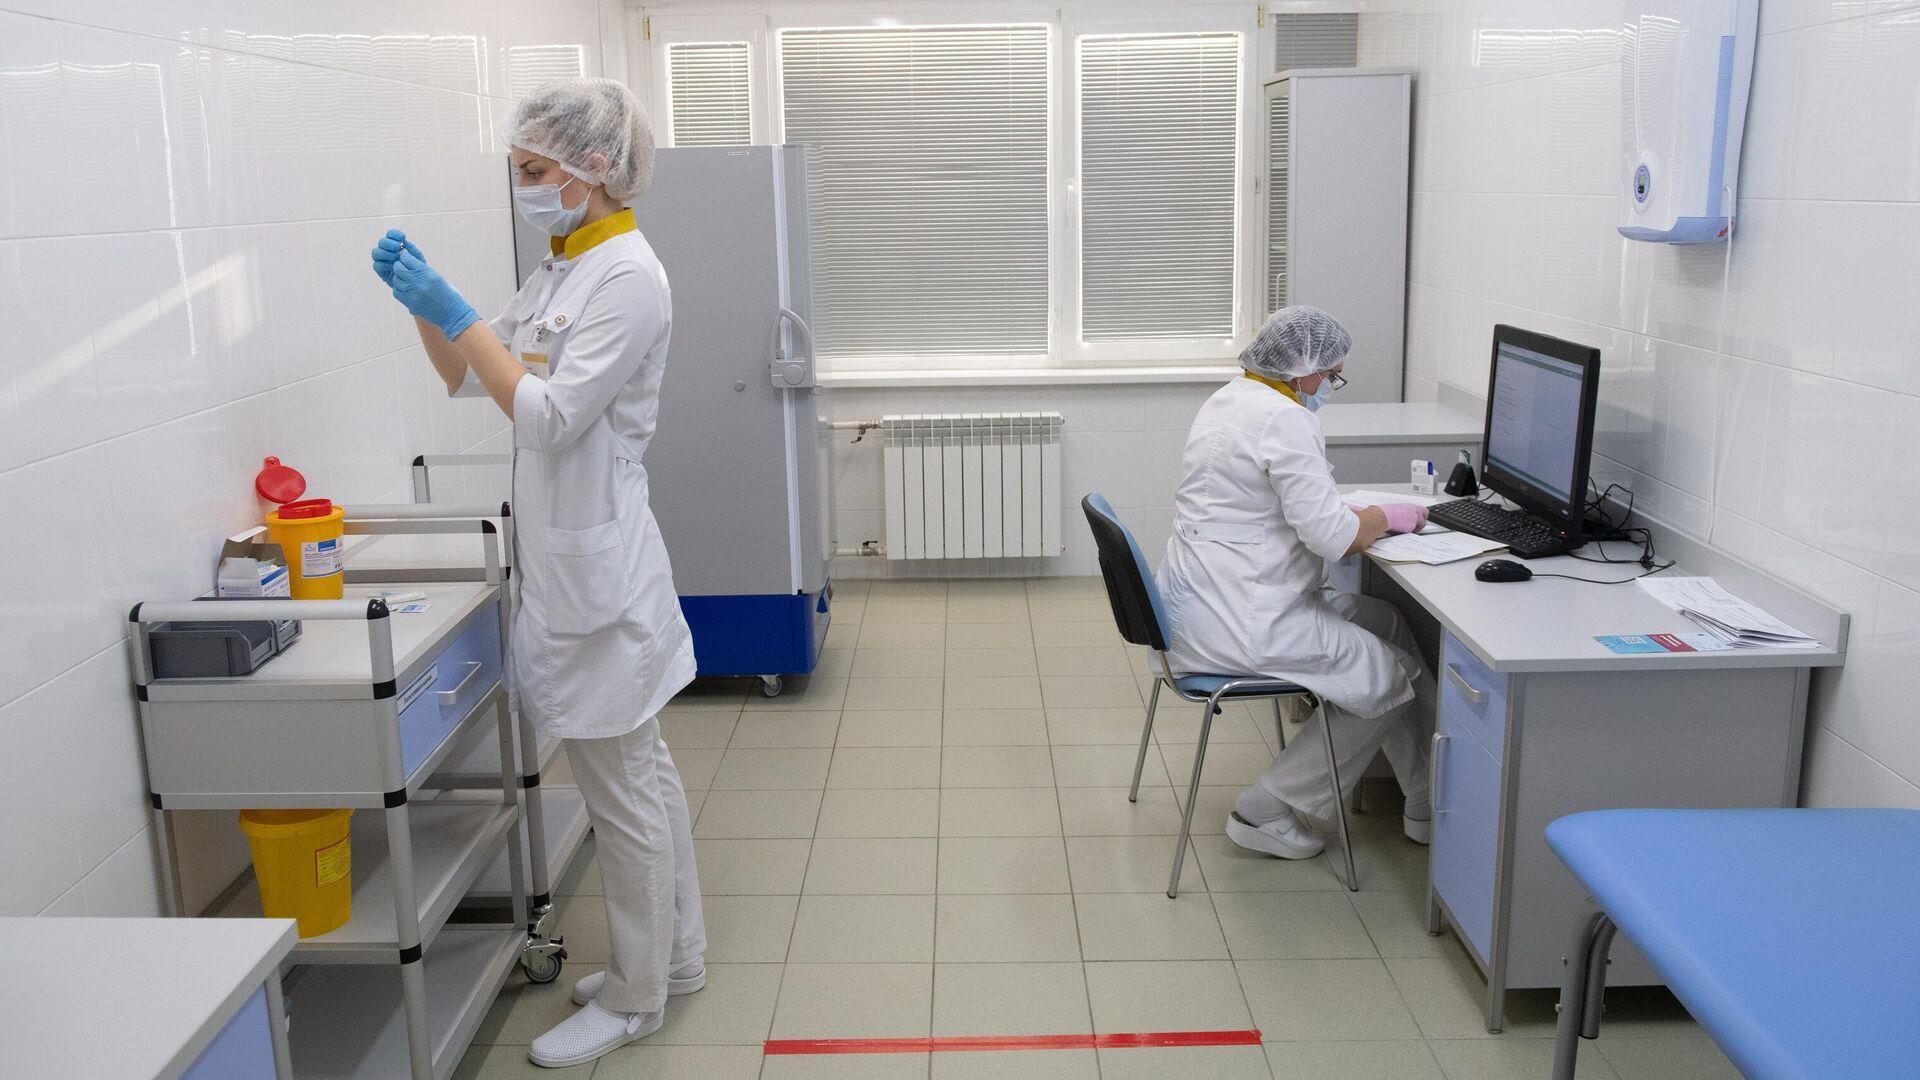 Инфекционист предположила, когда россияне вернутся к привычной жизни